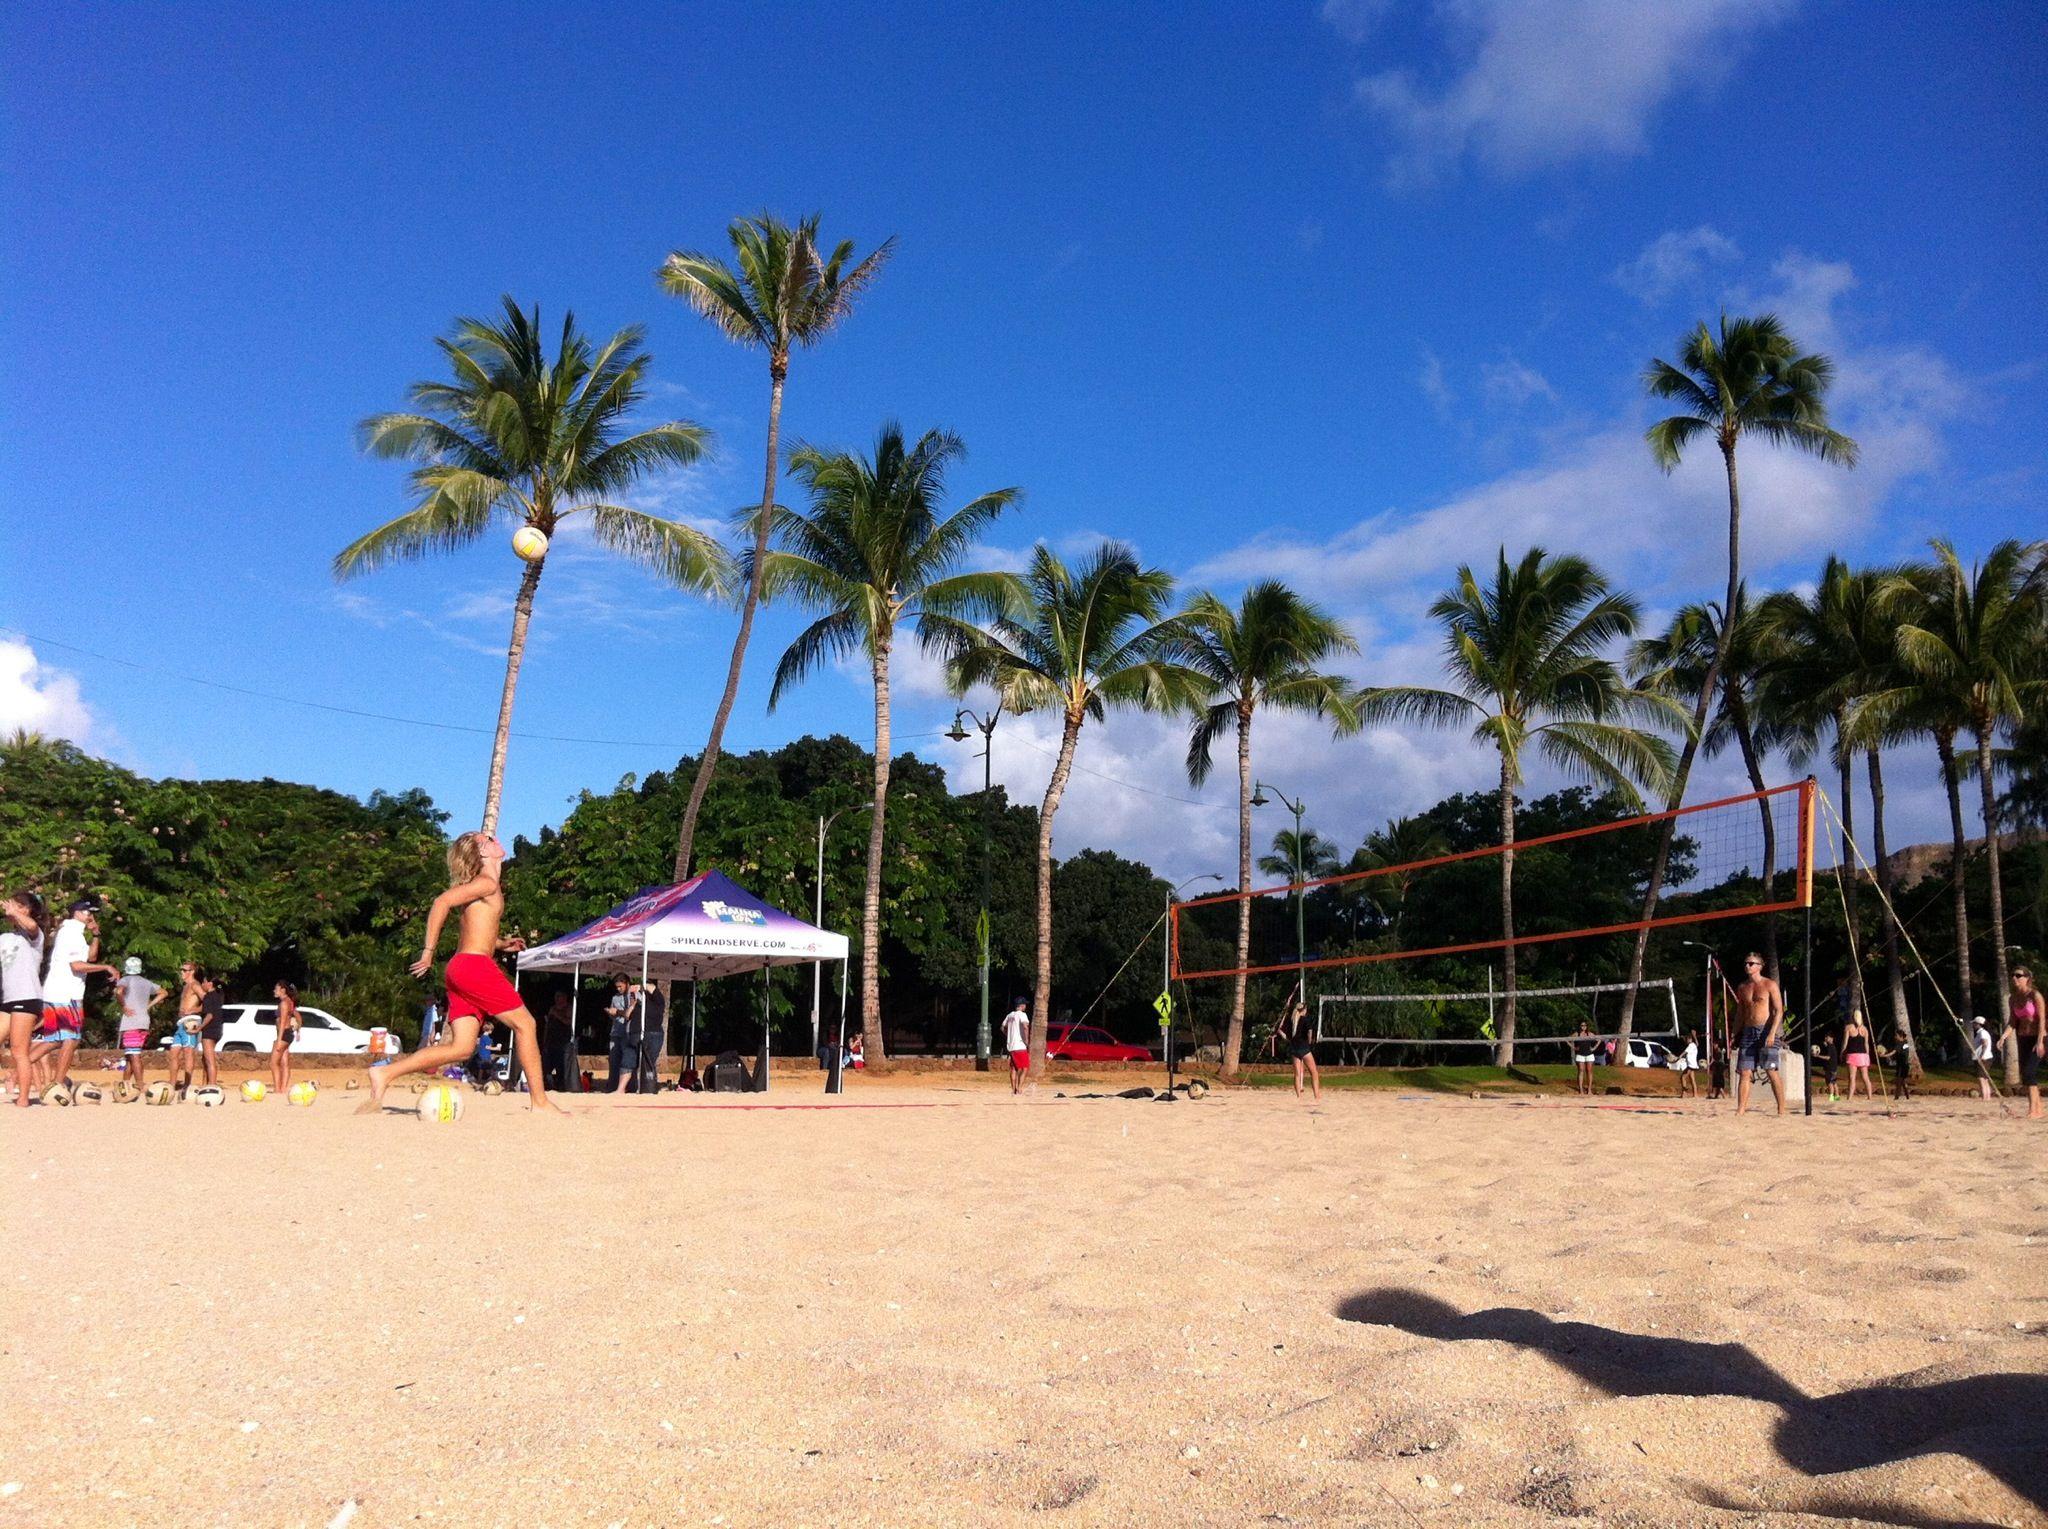 Beach Volleyball At Queen S Beach In Waikiki Hawaii Waikiki Hawaii Dolores Park